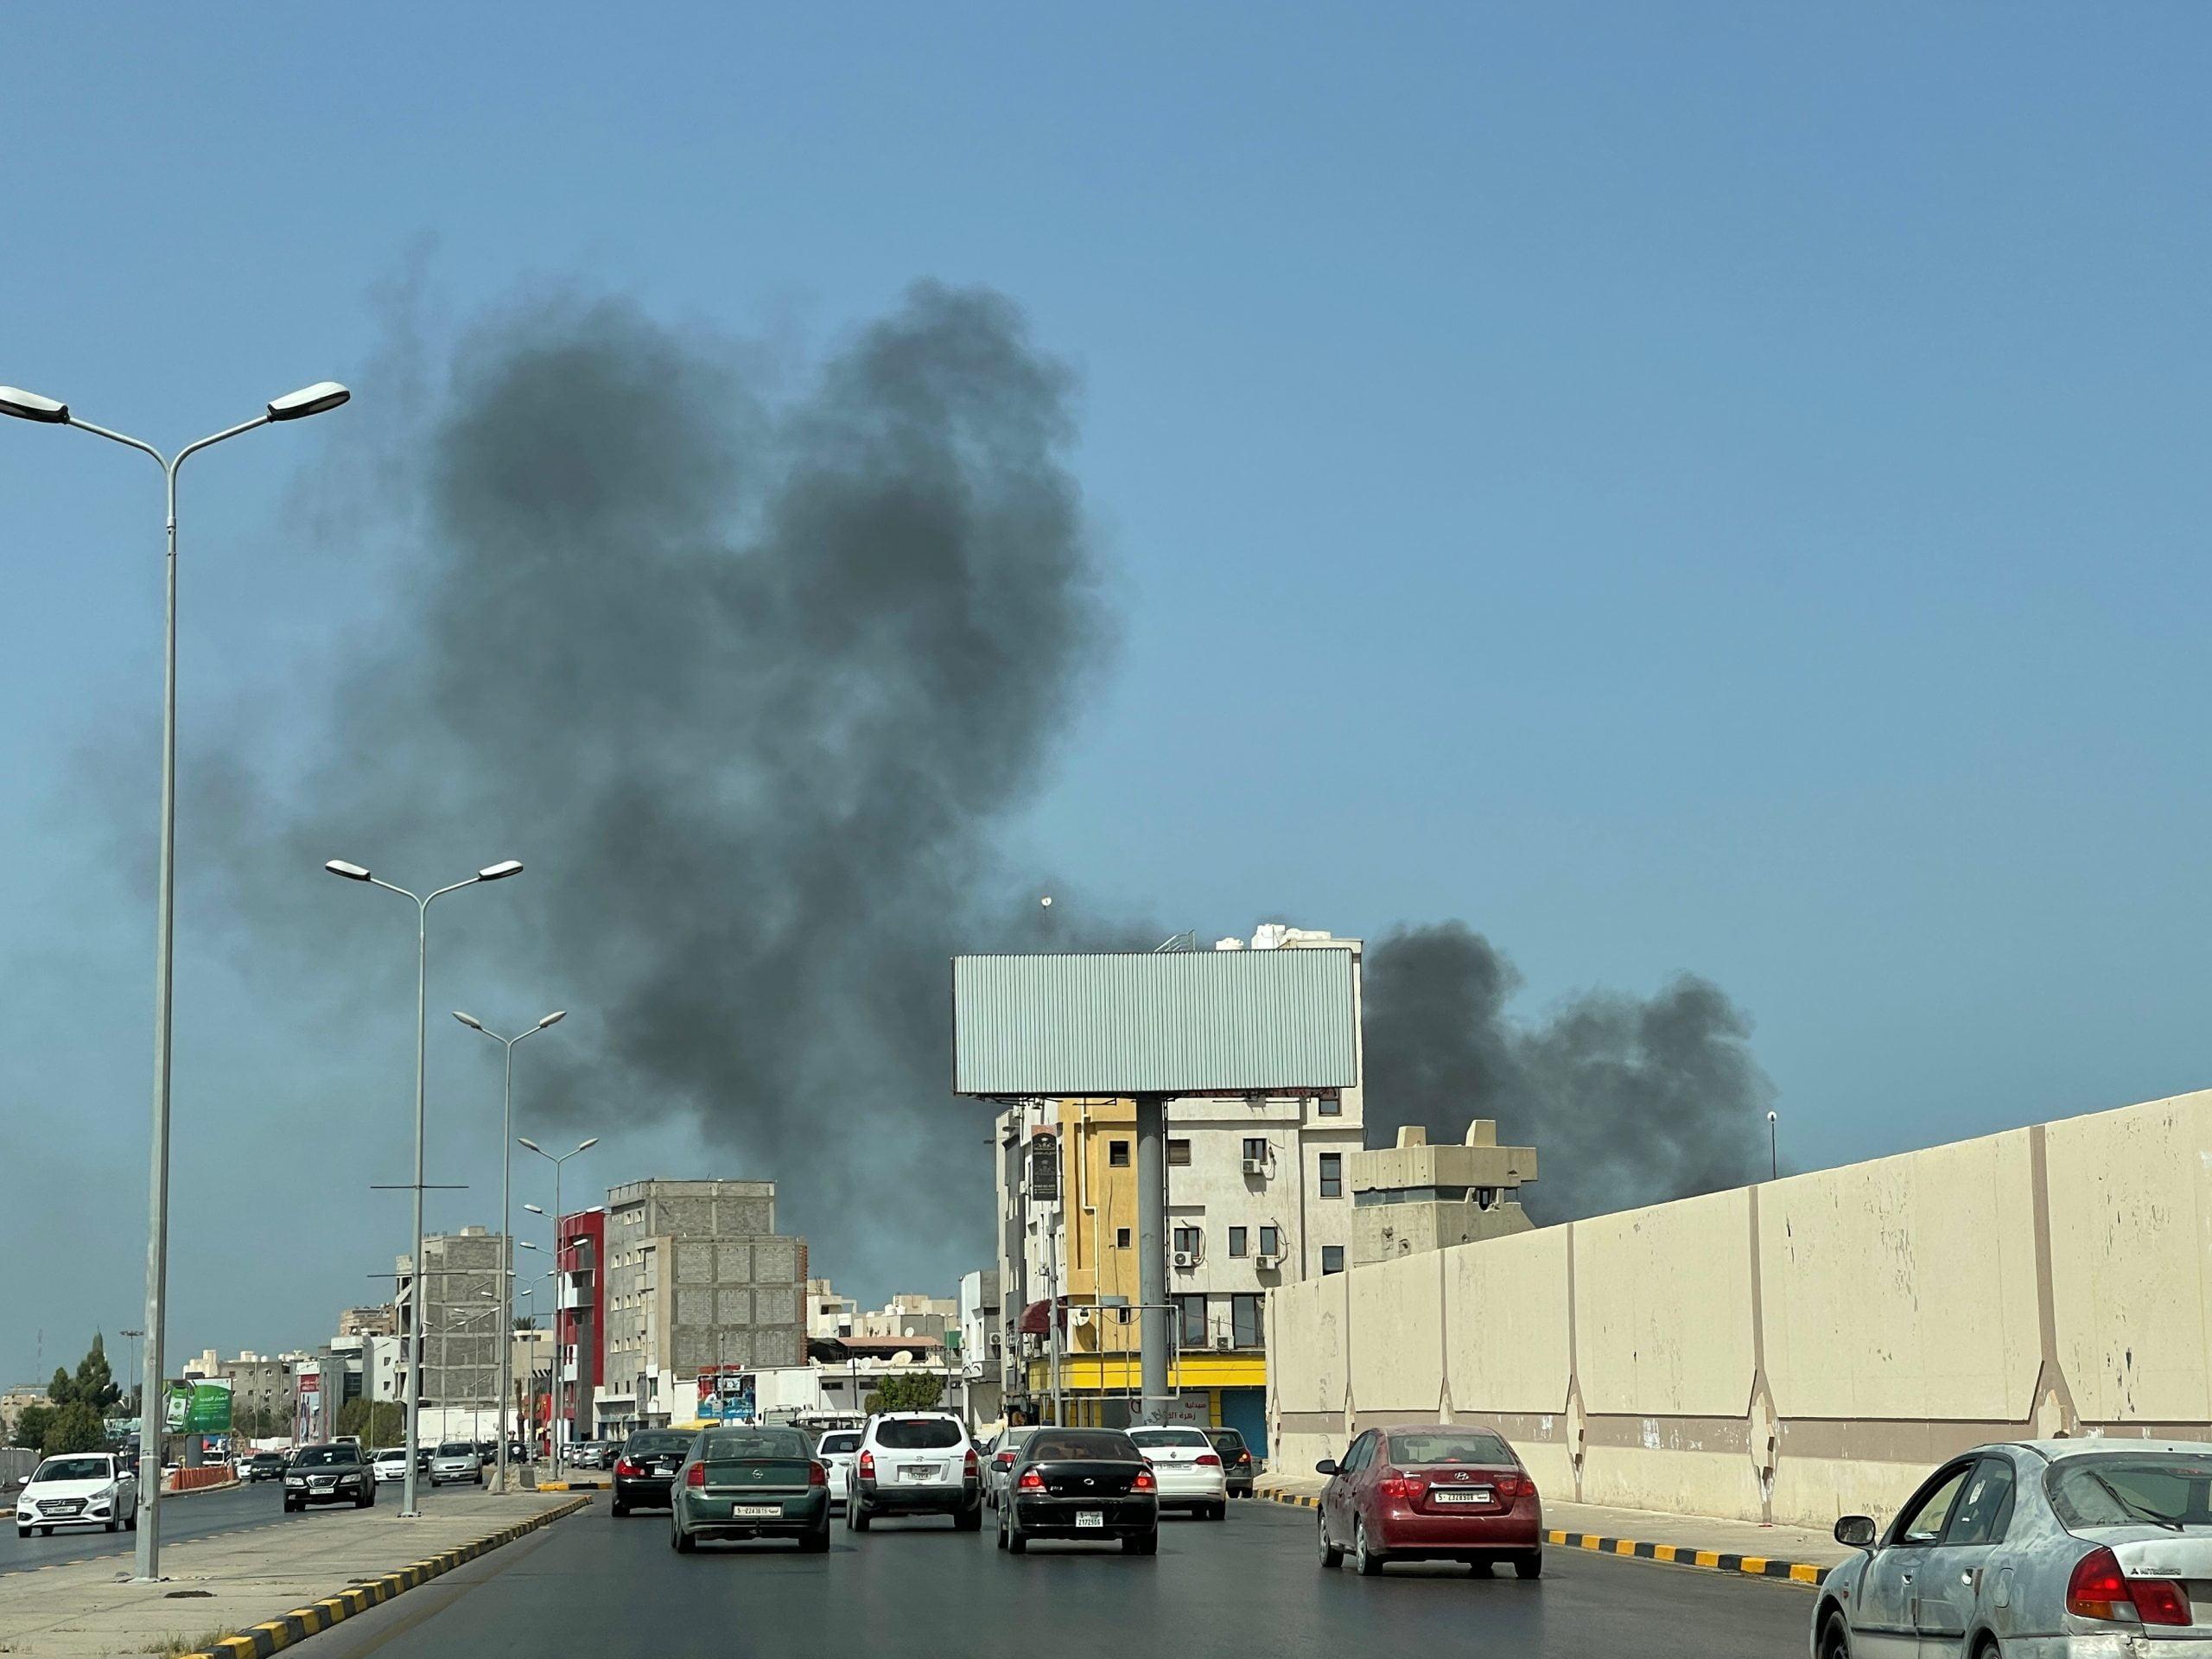 Τρίπολη της Λιβύης: Τμήματα Ασφαλείας του τουρκόφιλου Σαράζ, βάλουν με πυρά βαρέων όπλων εναντίον της 444ης Ταξιαρχίας